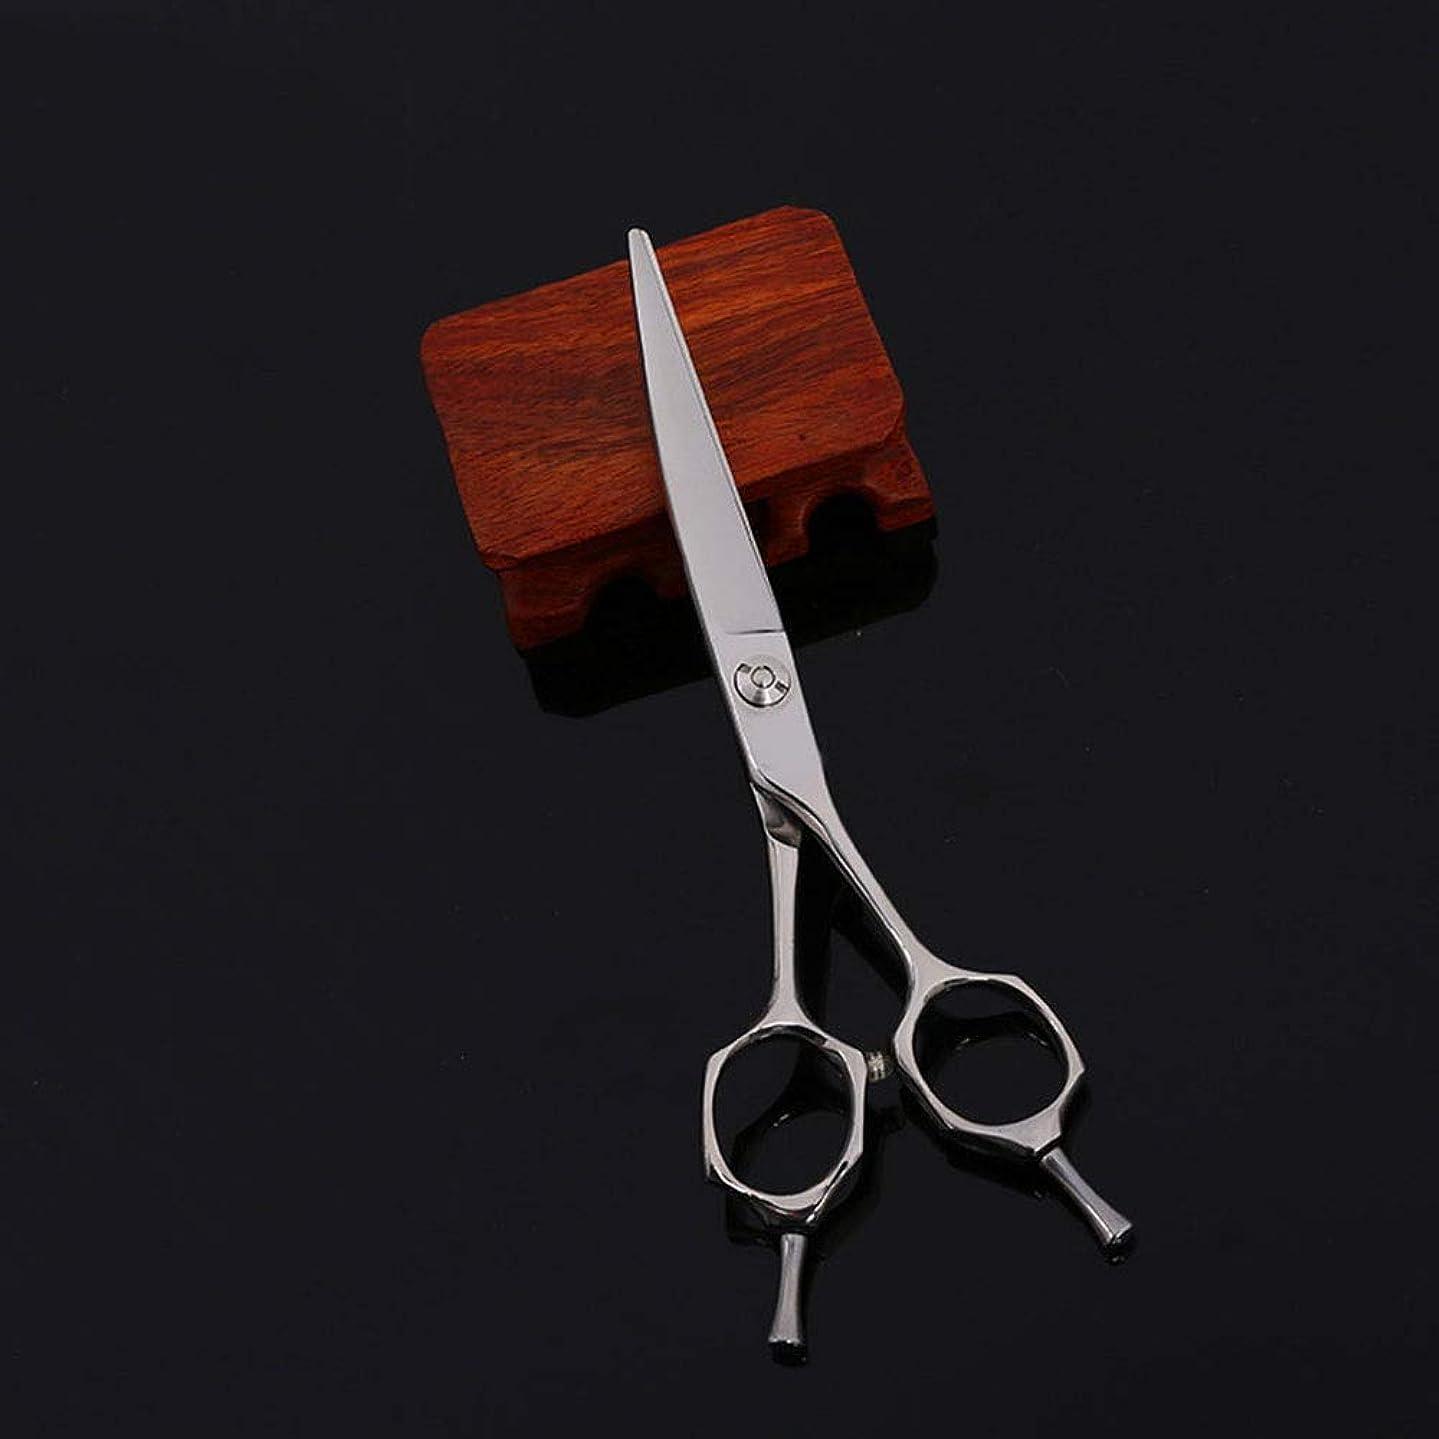 知る割れ目道徳教育Hairdressing 6インチプロフェッショナルハイエンド理髪はさみツールフラットせん断ヘアカットシザーステンレス理髪はさみ (色 : Silver)